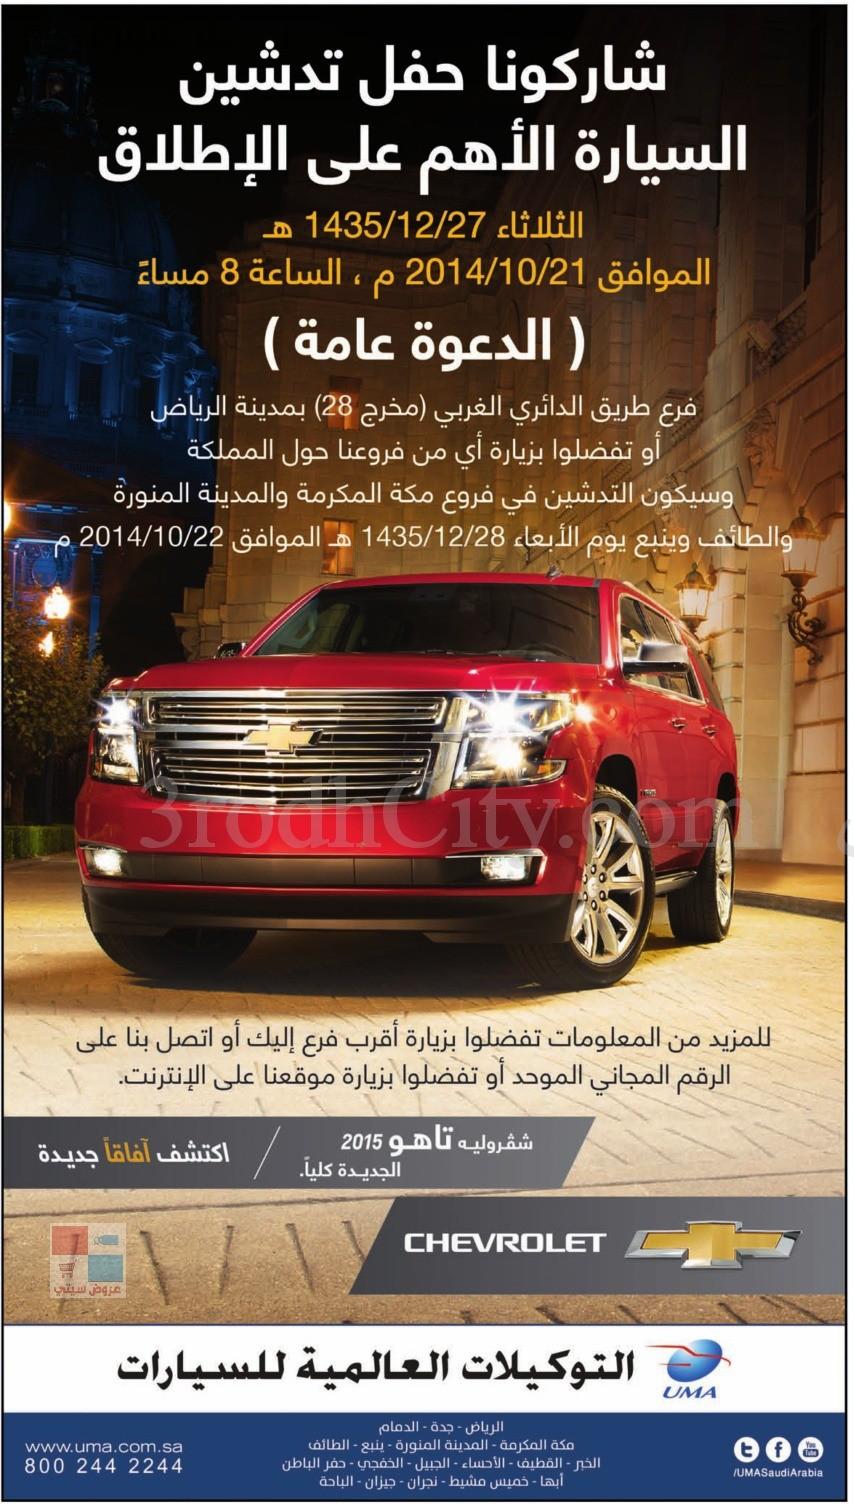 شفرولية تاهو 2015 الجديدة ، شاركونا حفل التدشين في الرياض TOTxmp.jpg